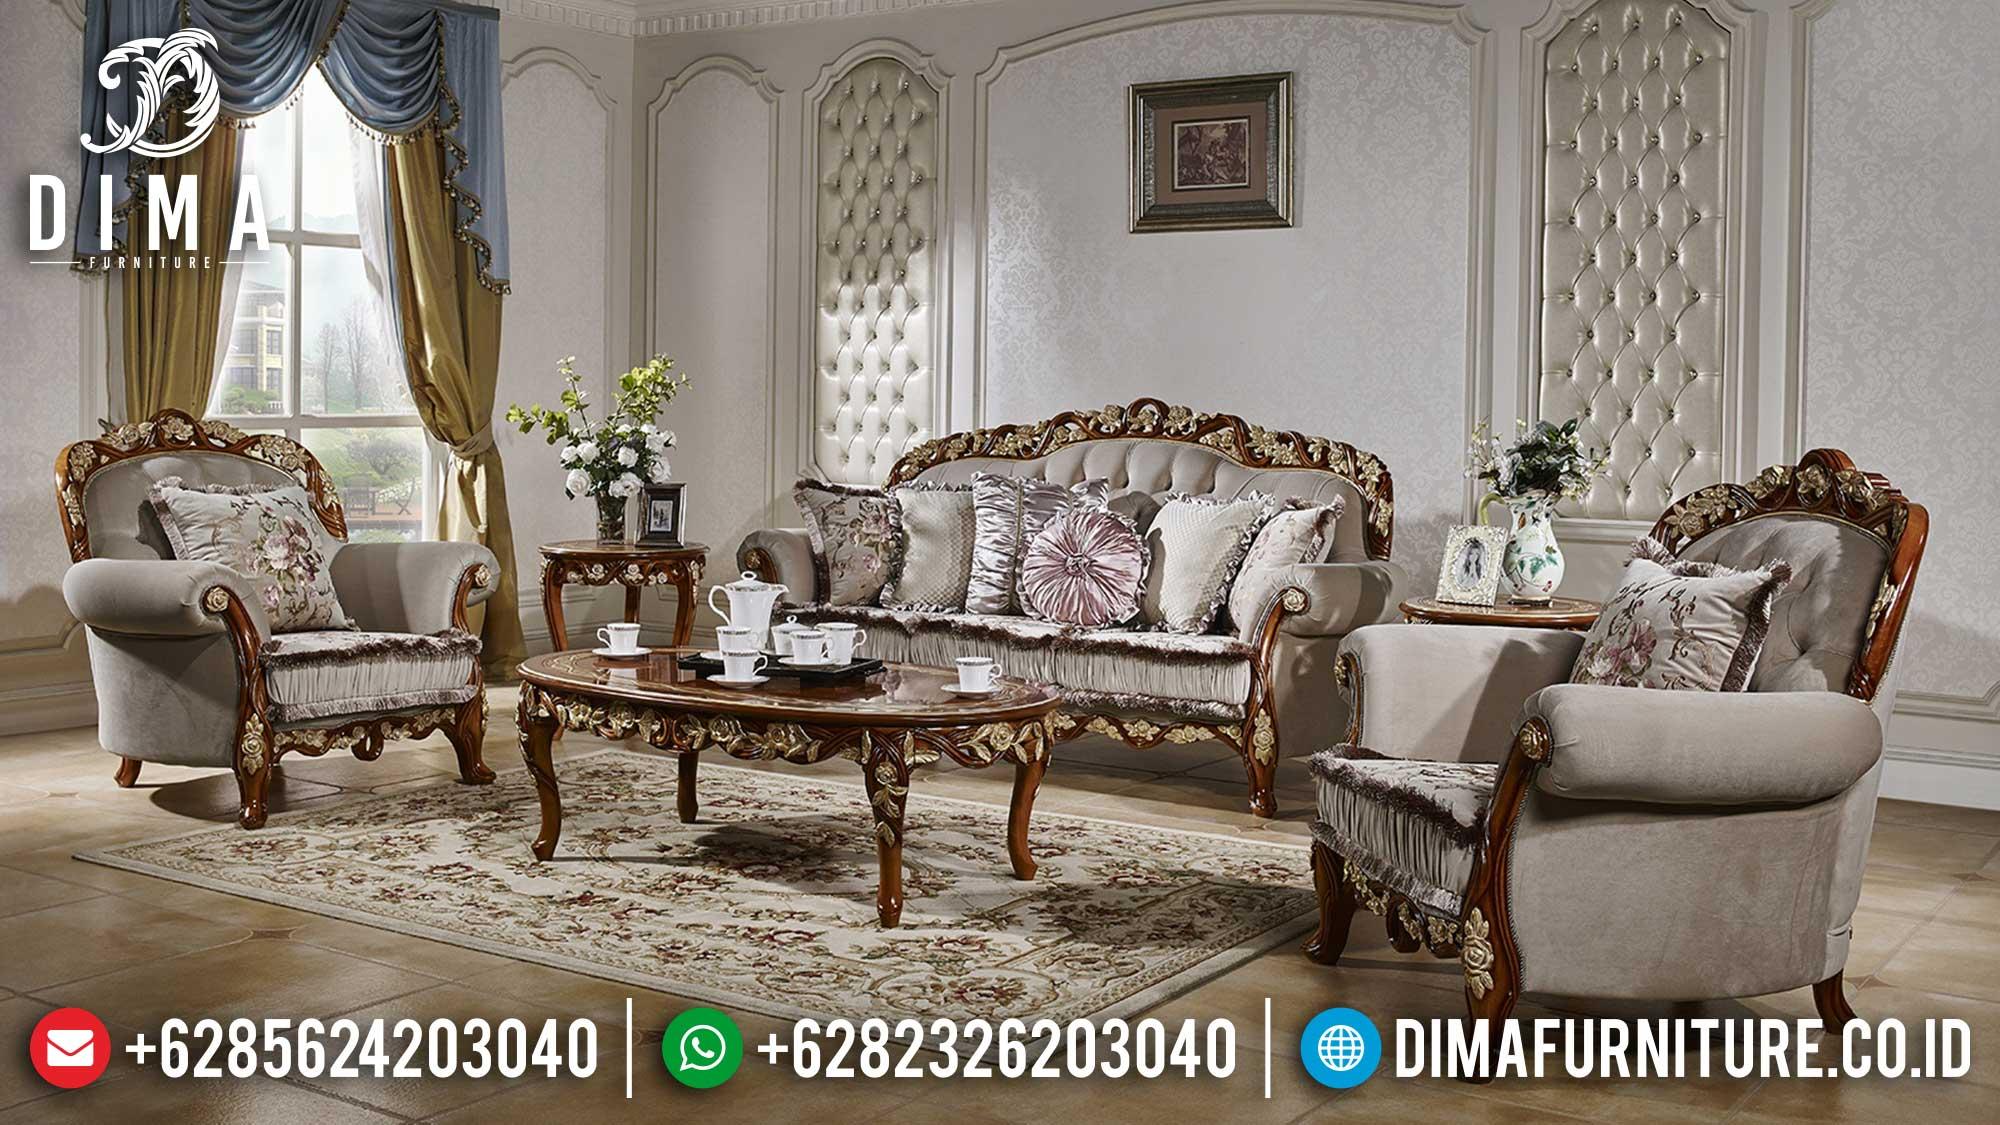 Beli Sofa Tamu Mewah Jepara Luxury Classic Natural Jati Perhutani TTJ-1497